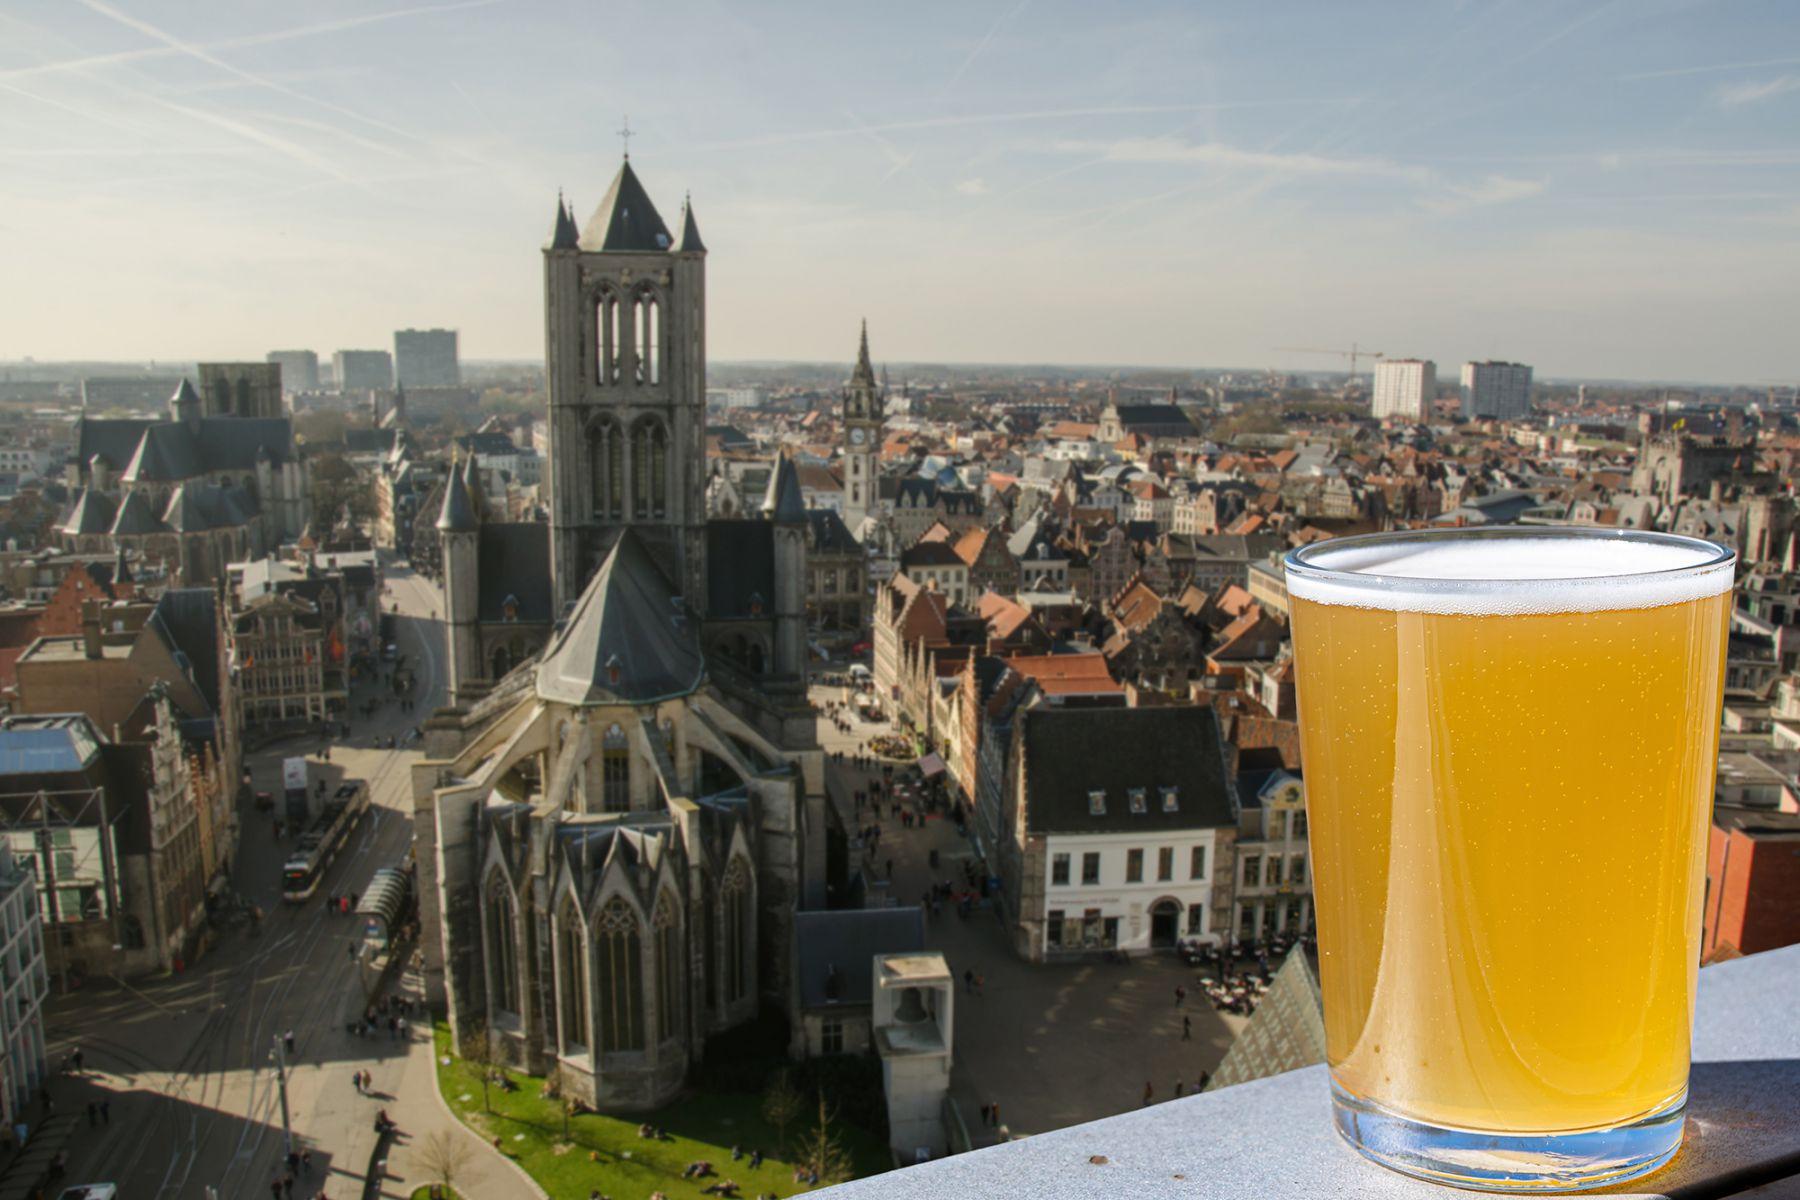 Glas bier met Gent op de achtergrond | credit: Maria Vonotna (iStock)